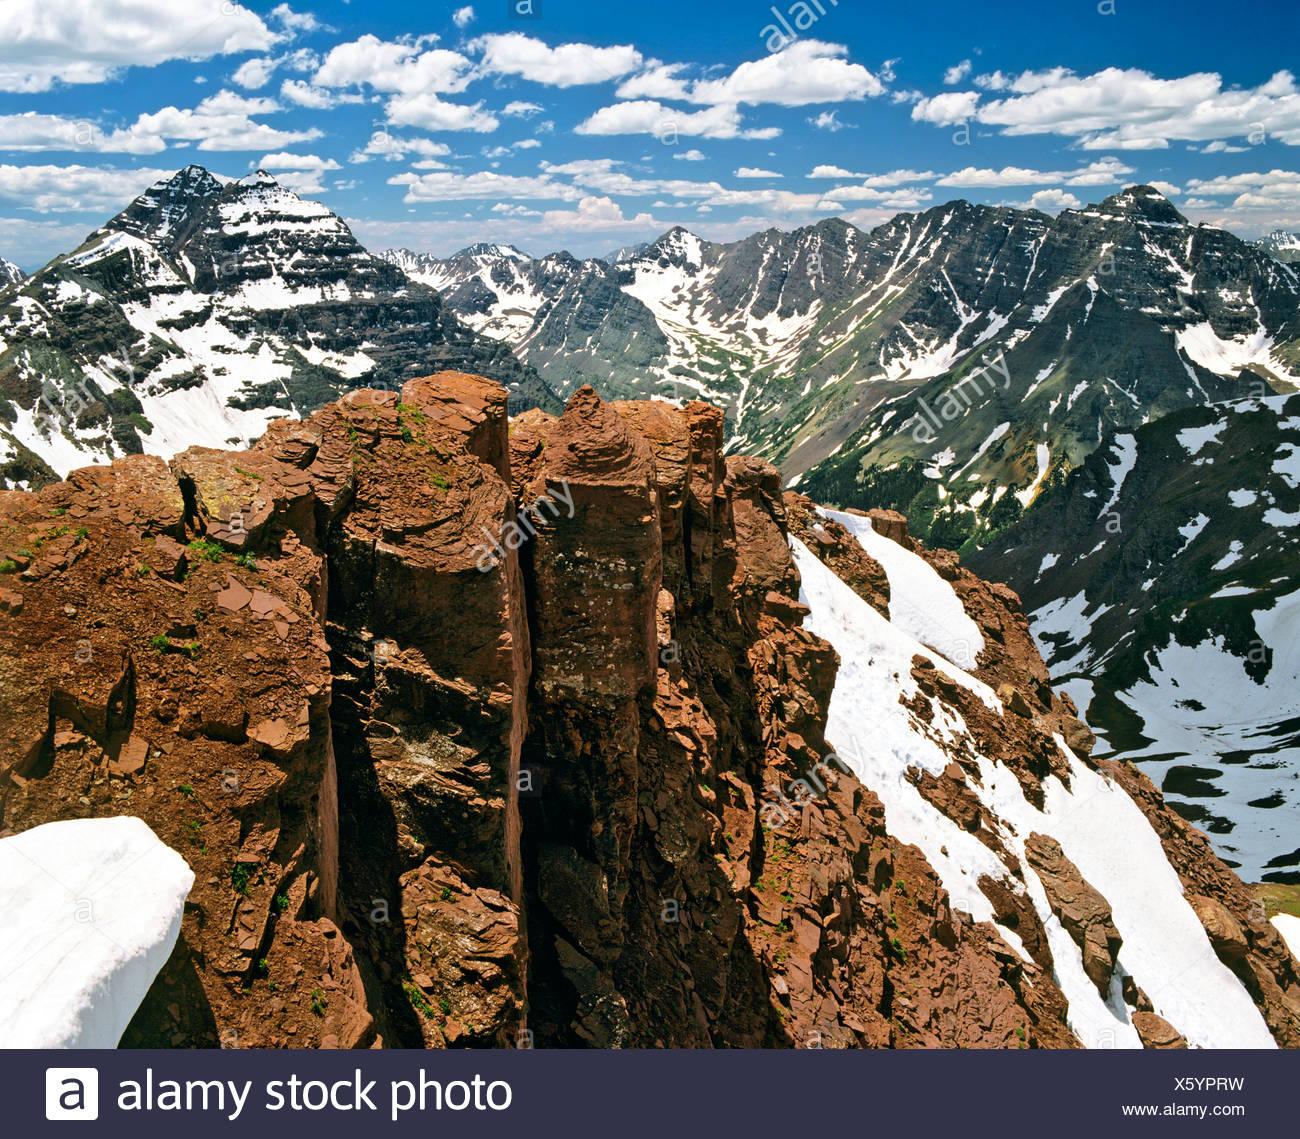 Mt. Pyramid Peak and Mt. Maroon Peak, Aspen, Colorado, USA - Stock Image